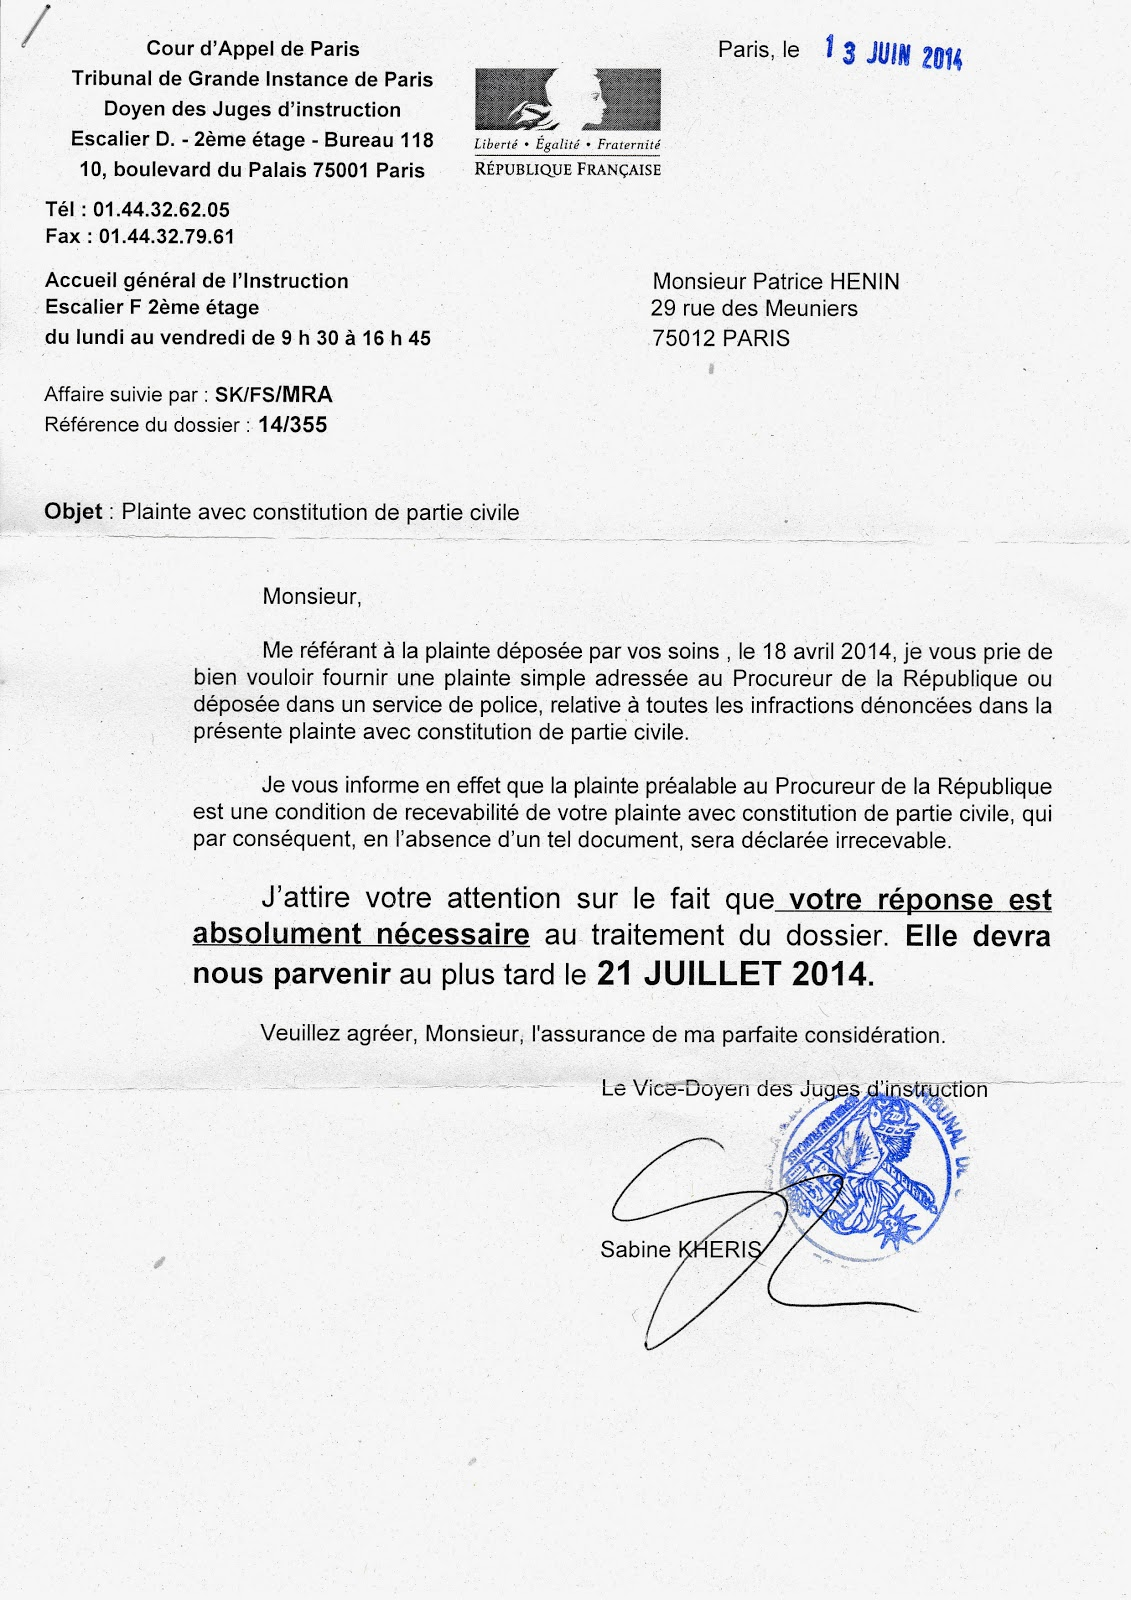 P h nix blogue qui rena t toujours de ses censures 2014 04 14 plainte contre policiers au juge - Lettre de plainte pour nuisances sonores ...